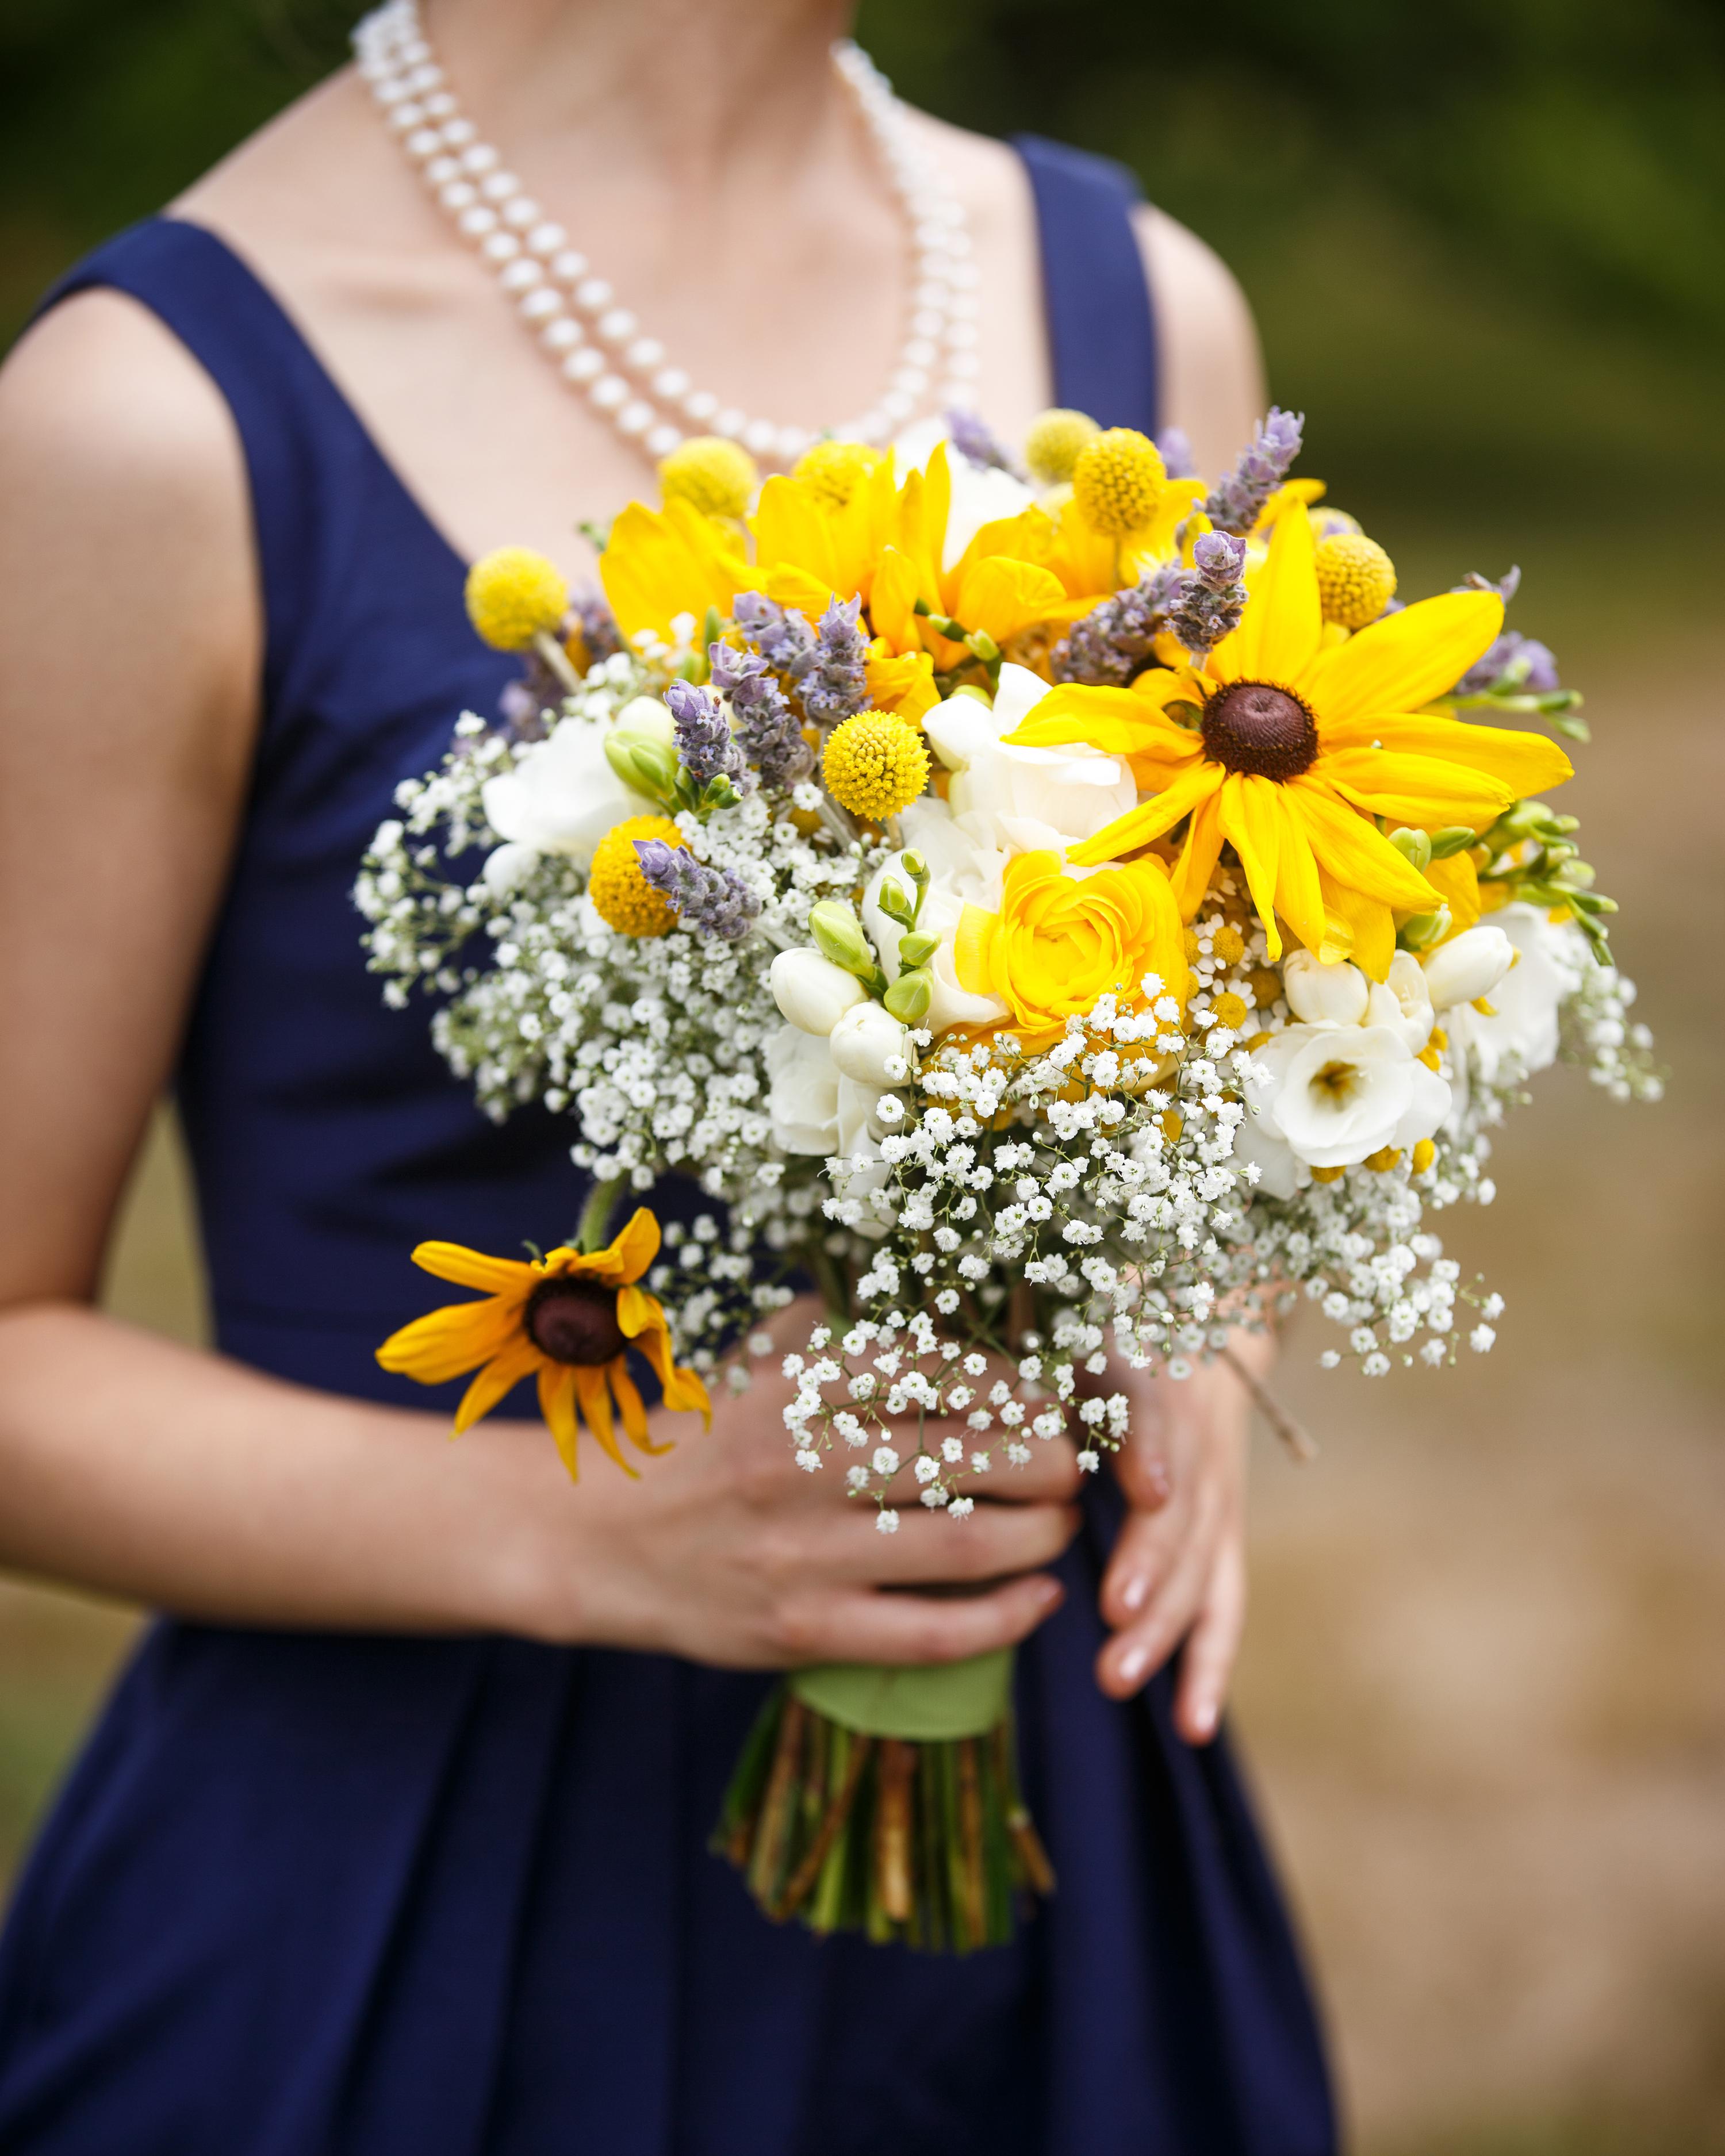 kristel-austin-wedding-bouquet-11-s11860-0415.jpg